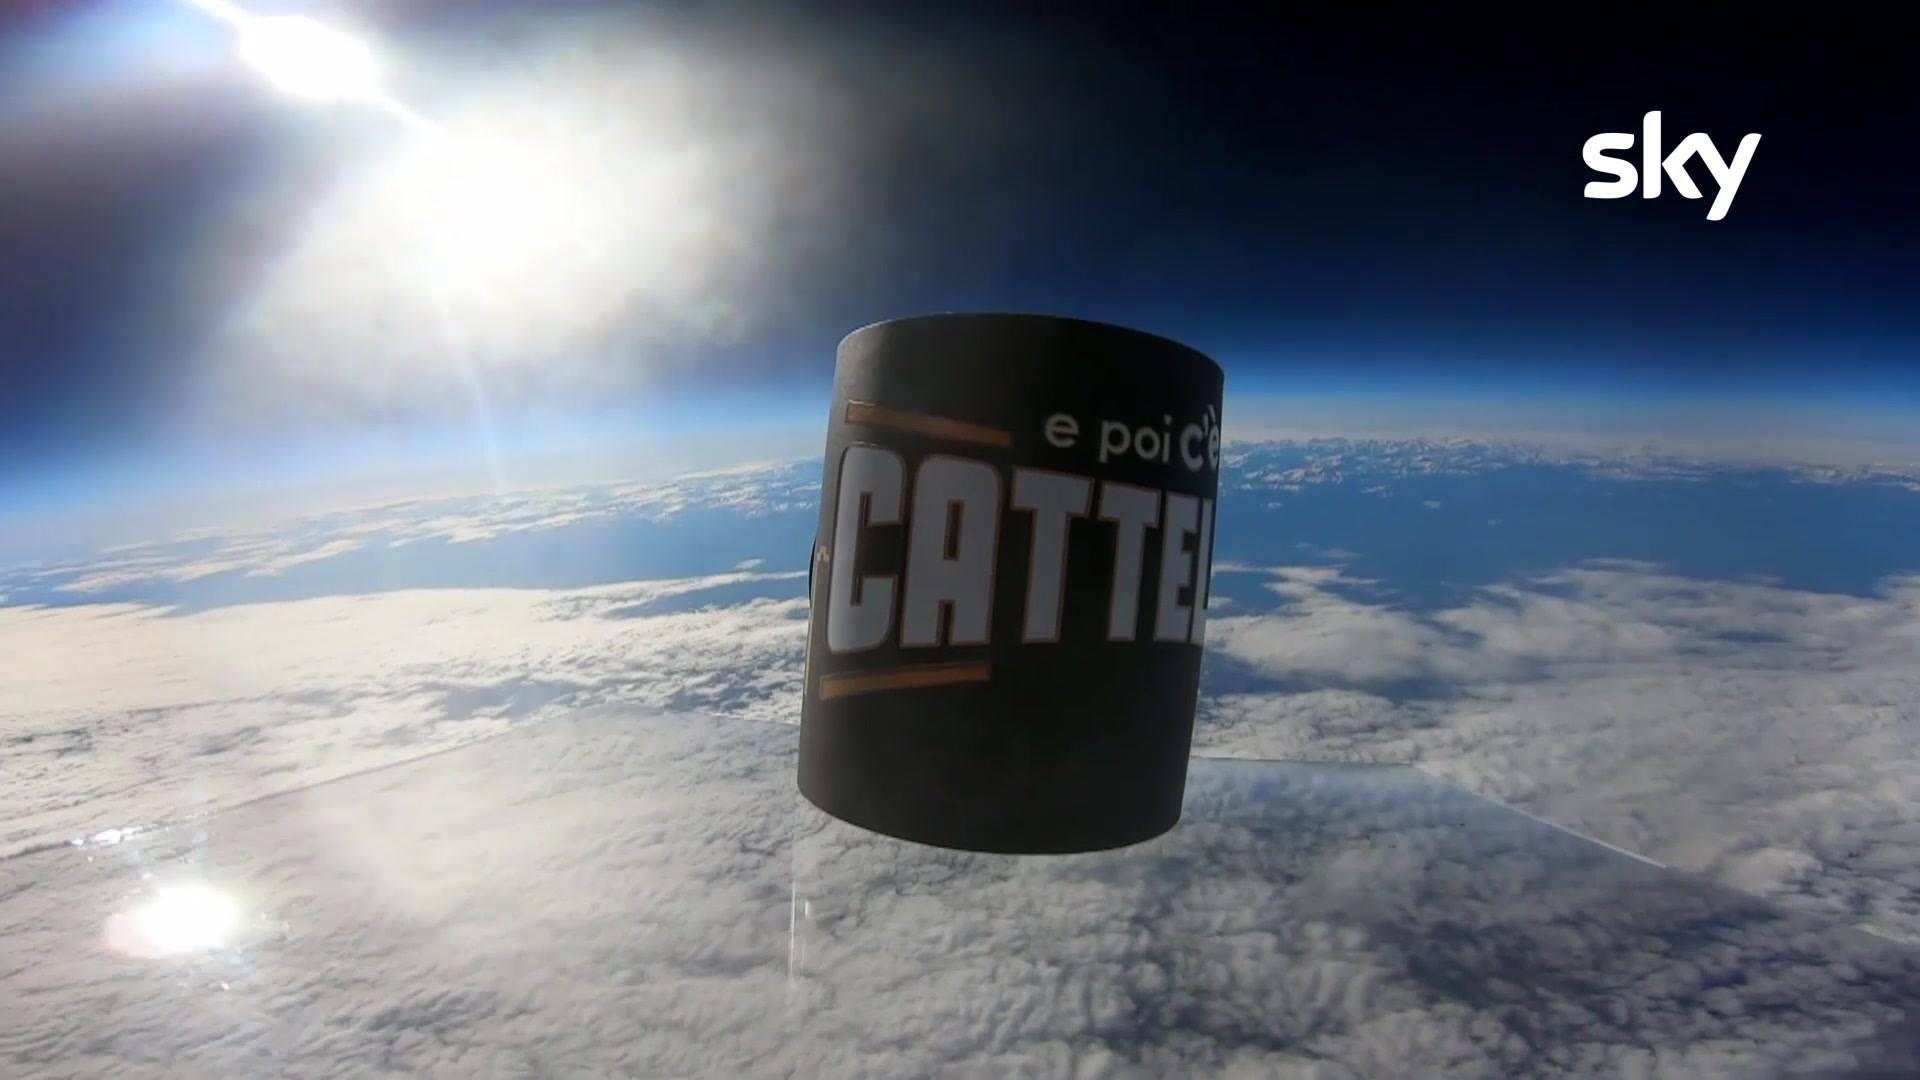 EPCC nello spazio!